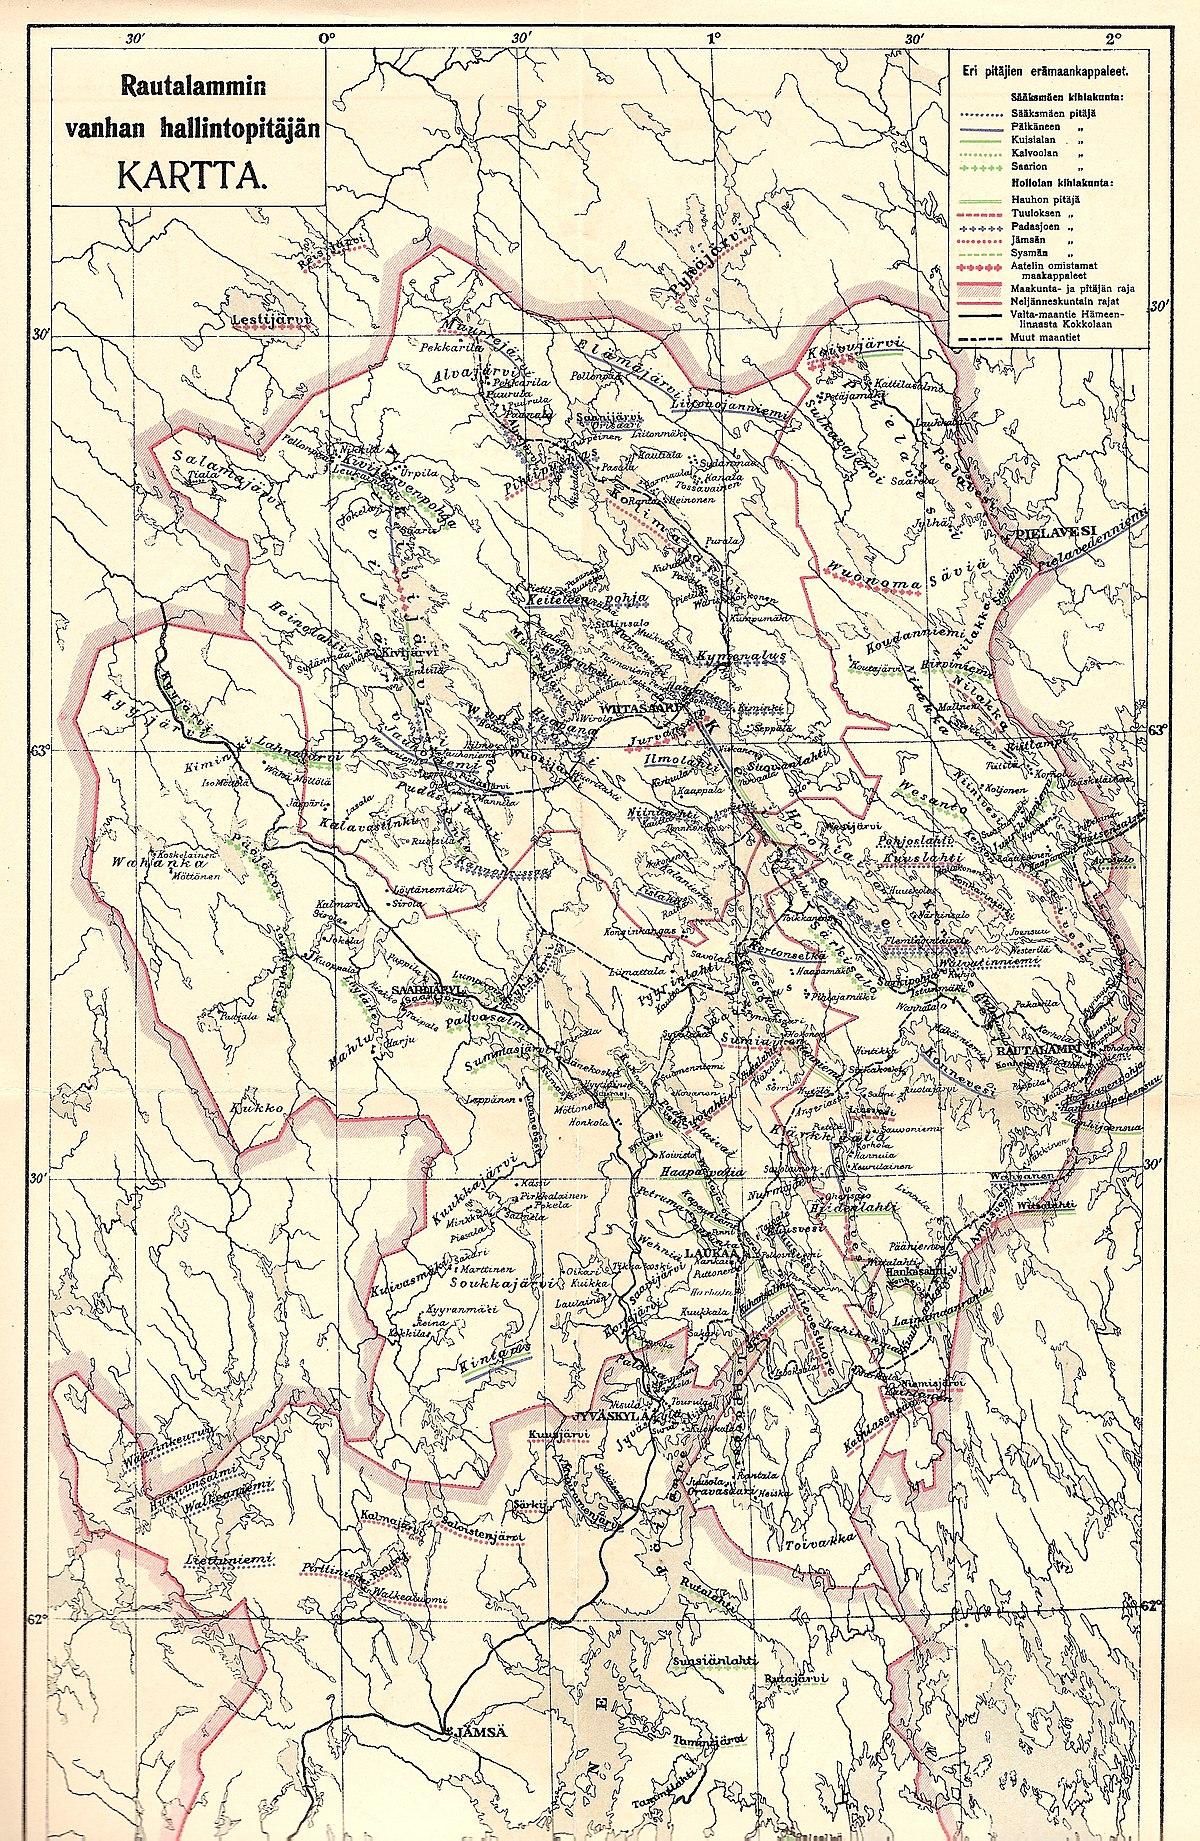 File Rautalammin Vanhan Hallintopitajan Kartta Jpg Wikimedia Commons